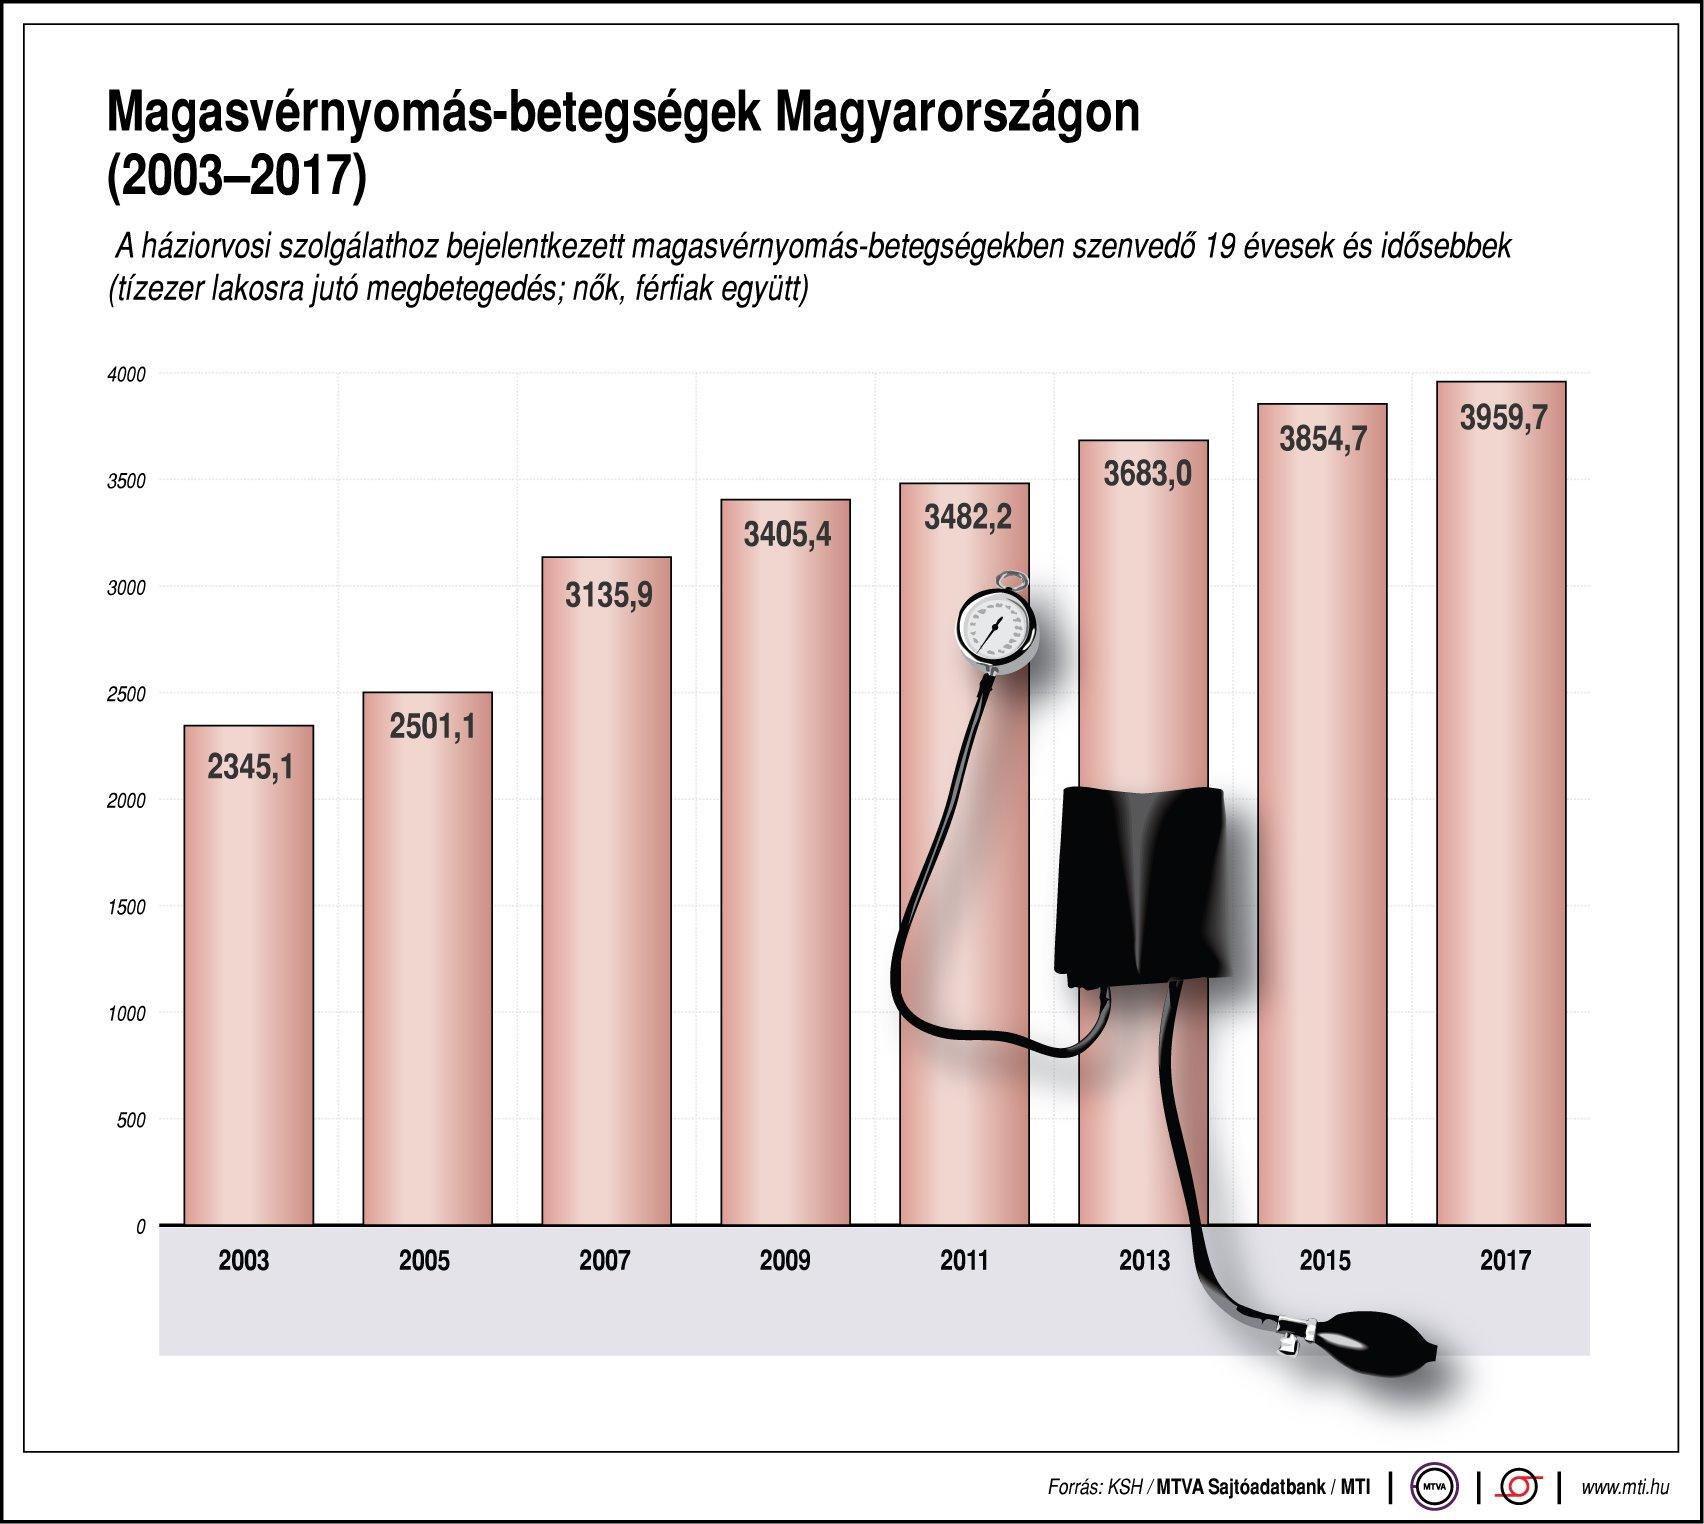 magas vérnyomás nőknél a hipertónia kezelése a szülés utáni időszakban